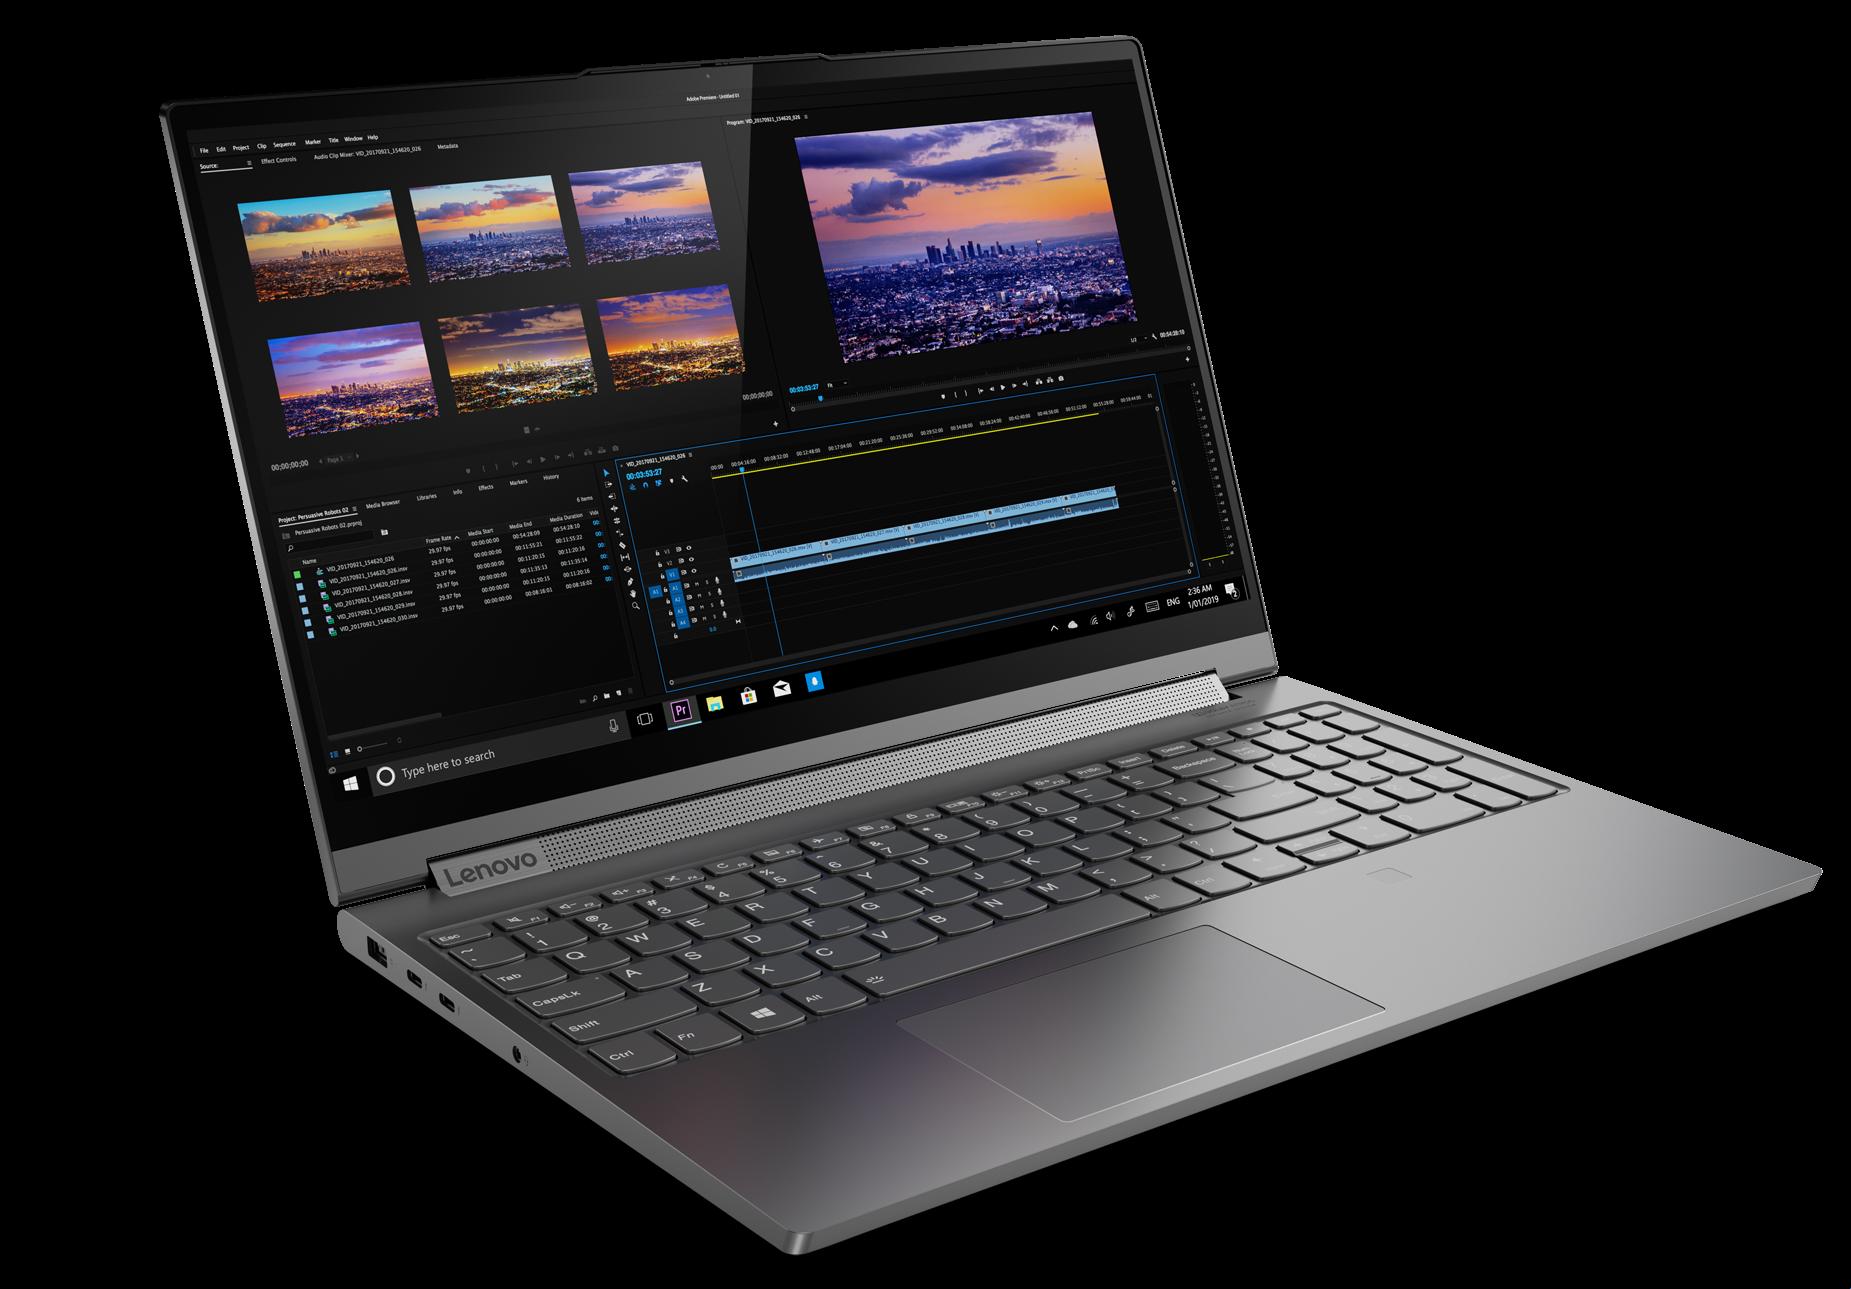 LaptopLenovo ThinkPad L13Yogato solidna konstrukcja, o niskiej wadze, ogromnej wszechstronności i energooszczędności